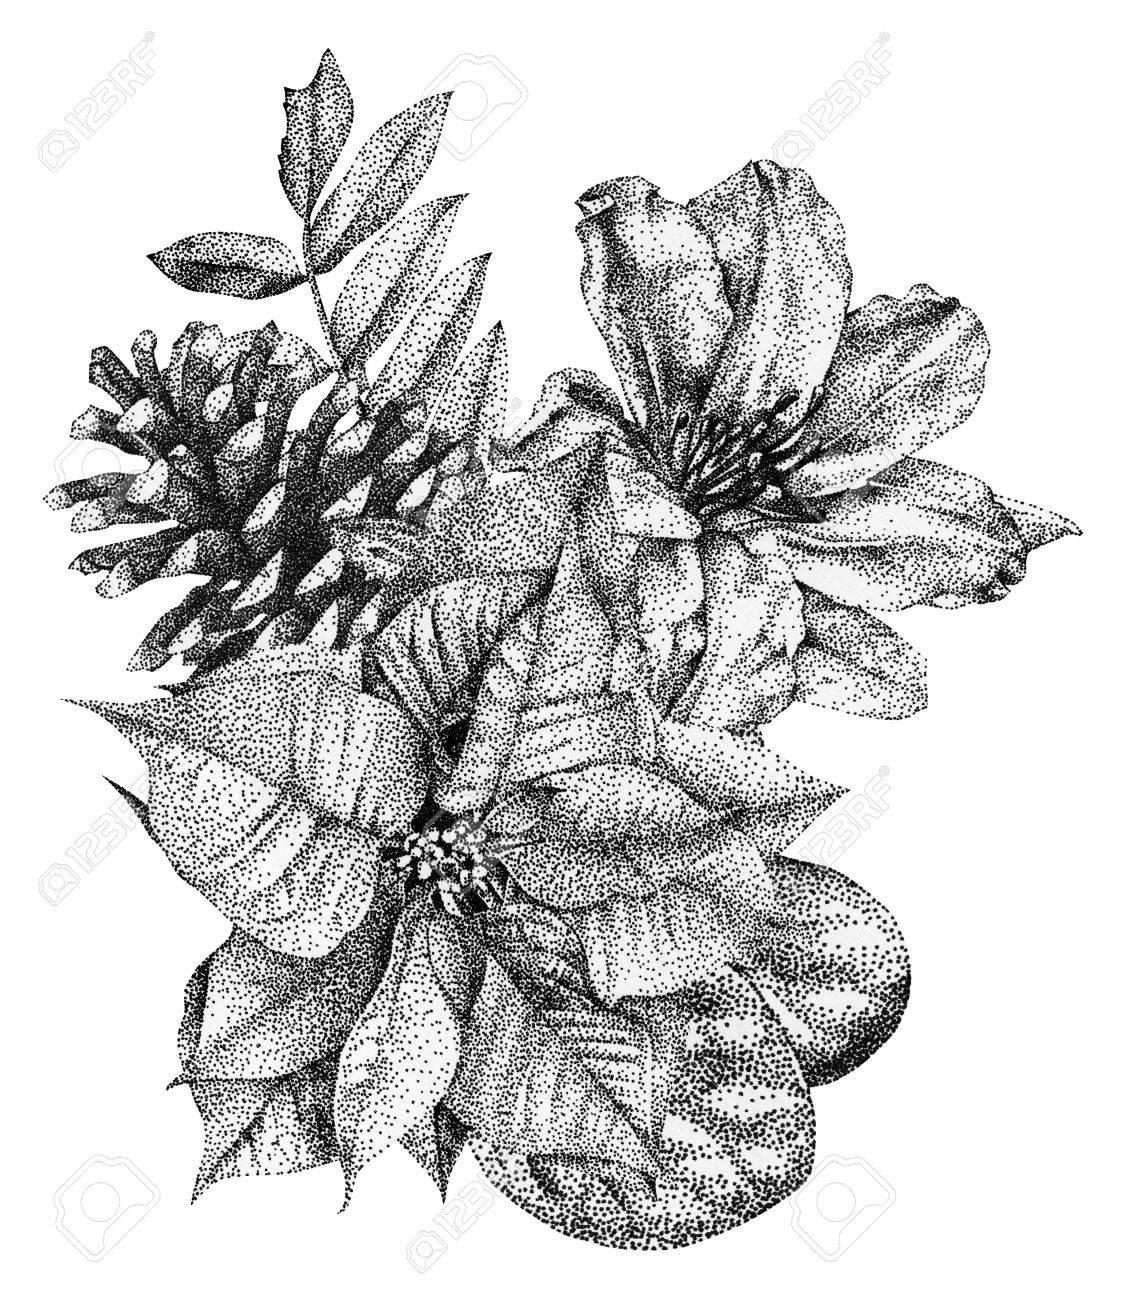 Composition De Differentes Fleurs Et Plantes Dessin Graphique